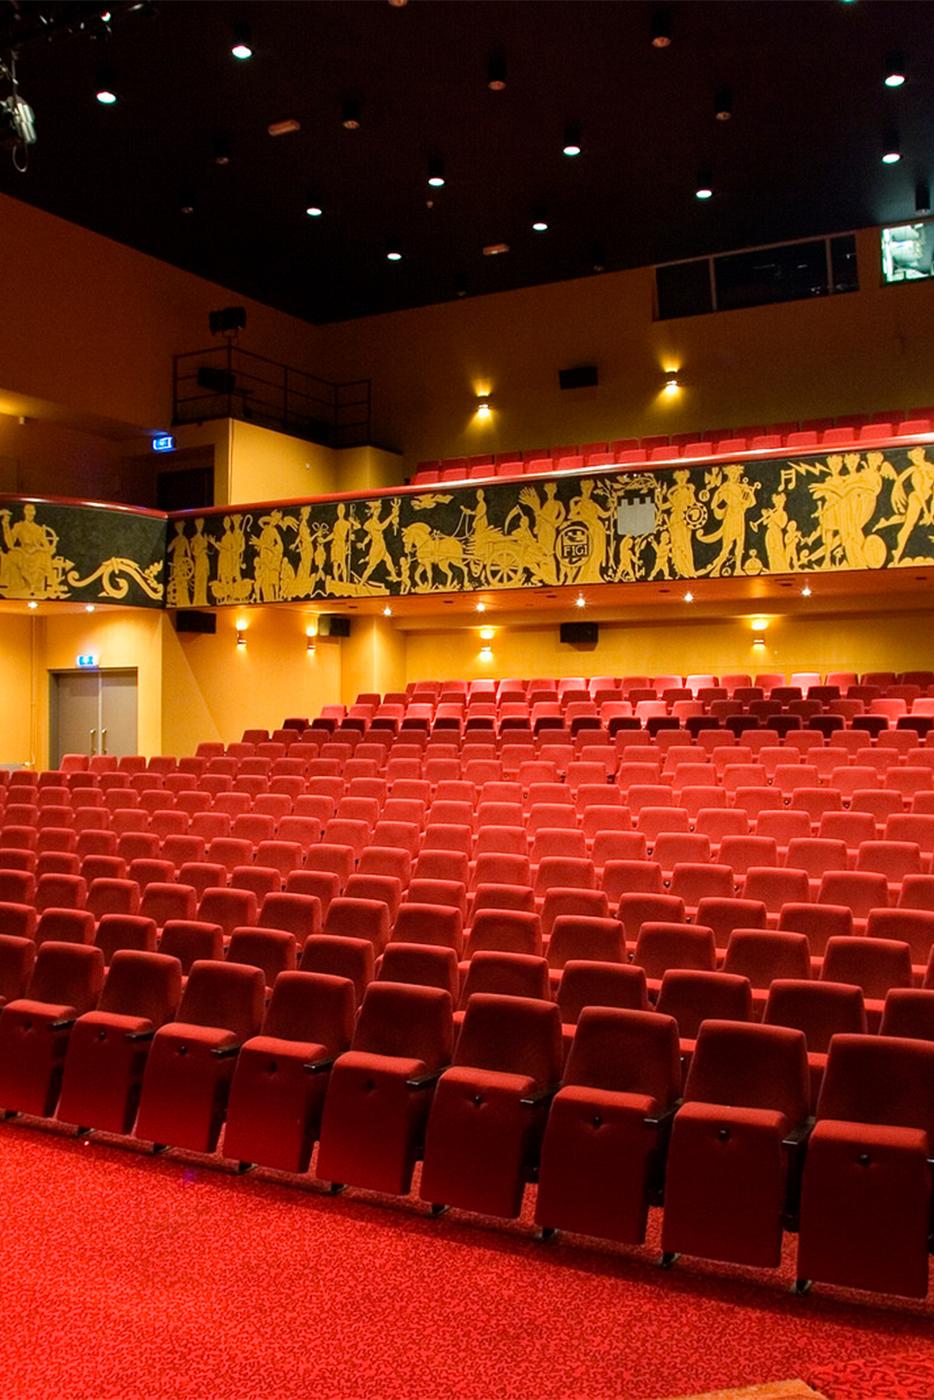 Case Hotel Theater Figi Ruckus VSA